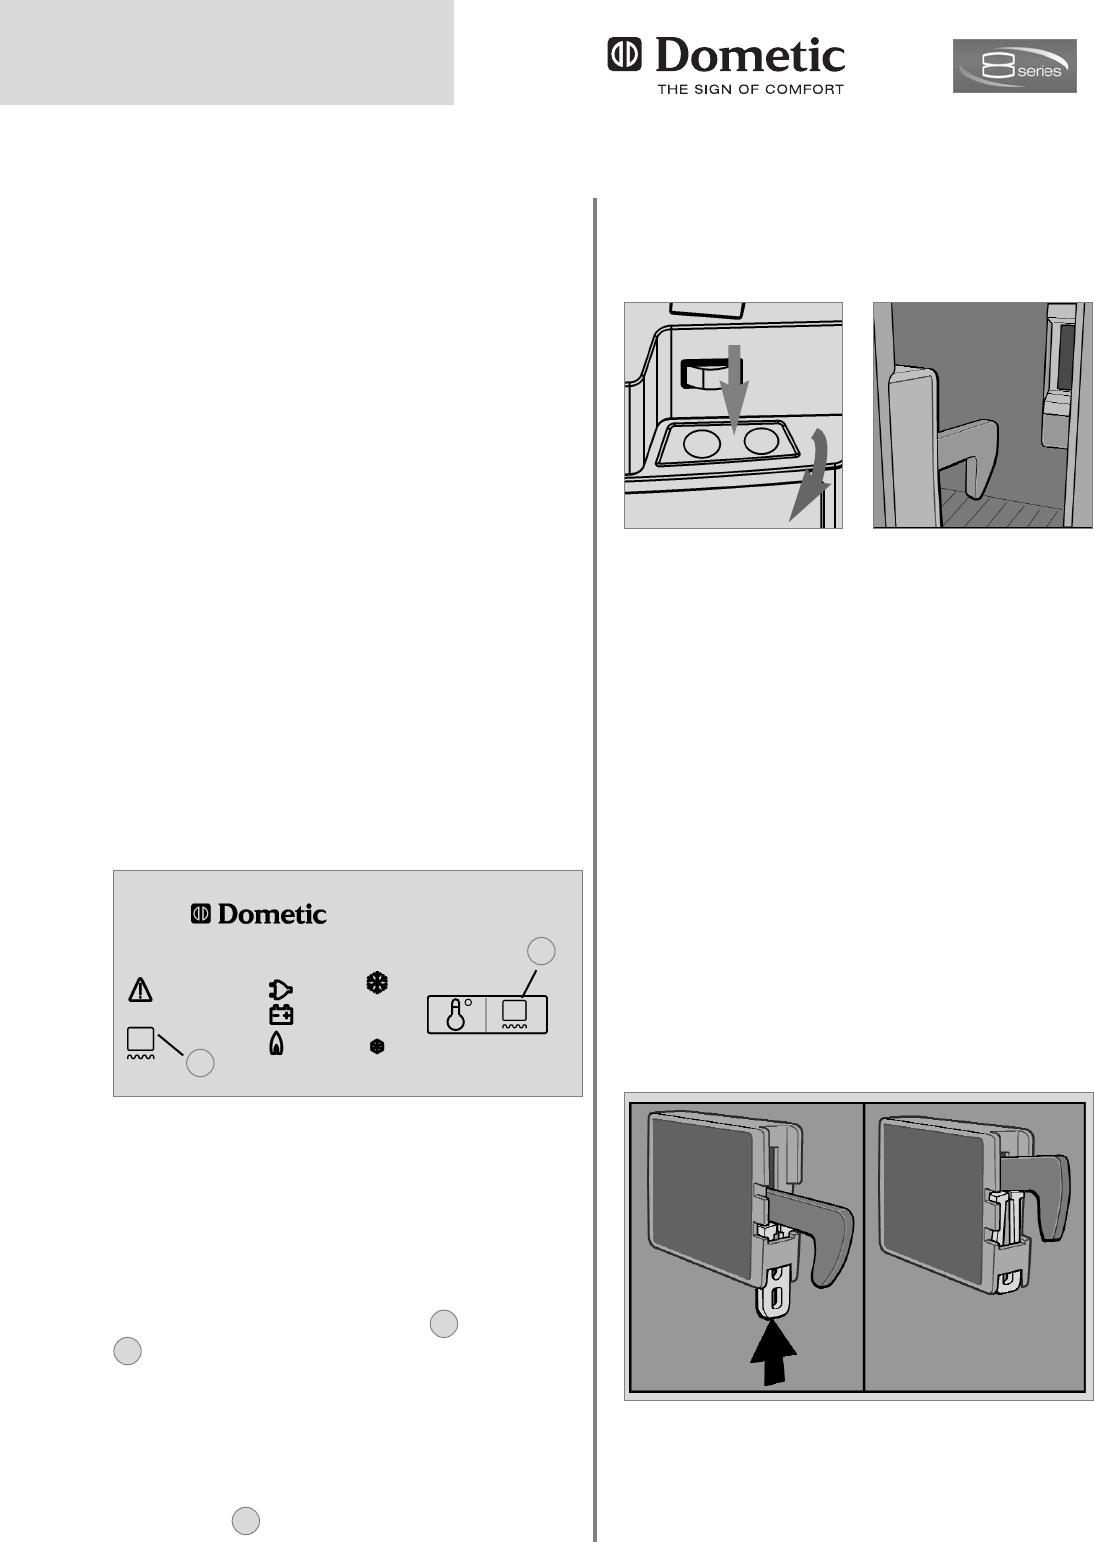 bedienungsanleitung dometic rmd 8505 seite 18 von 26. Black Bedroom Furniture Sets. Home Design Ideas